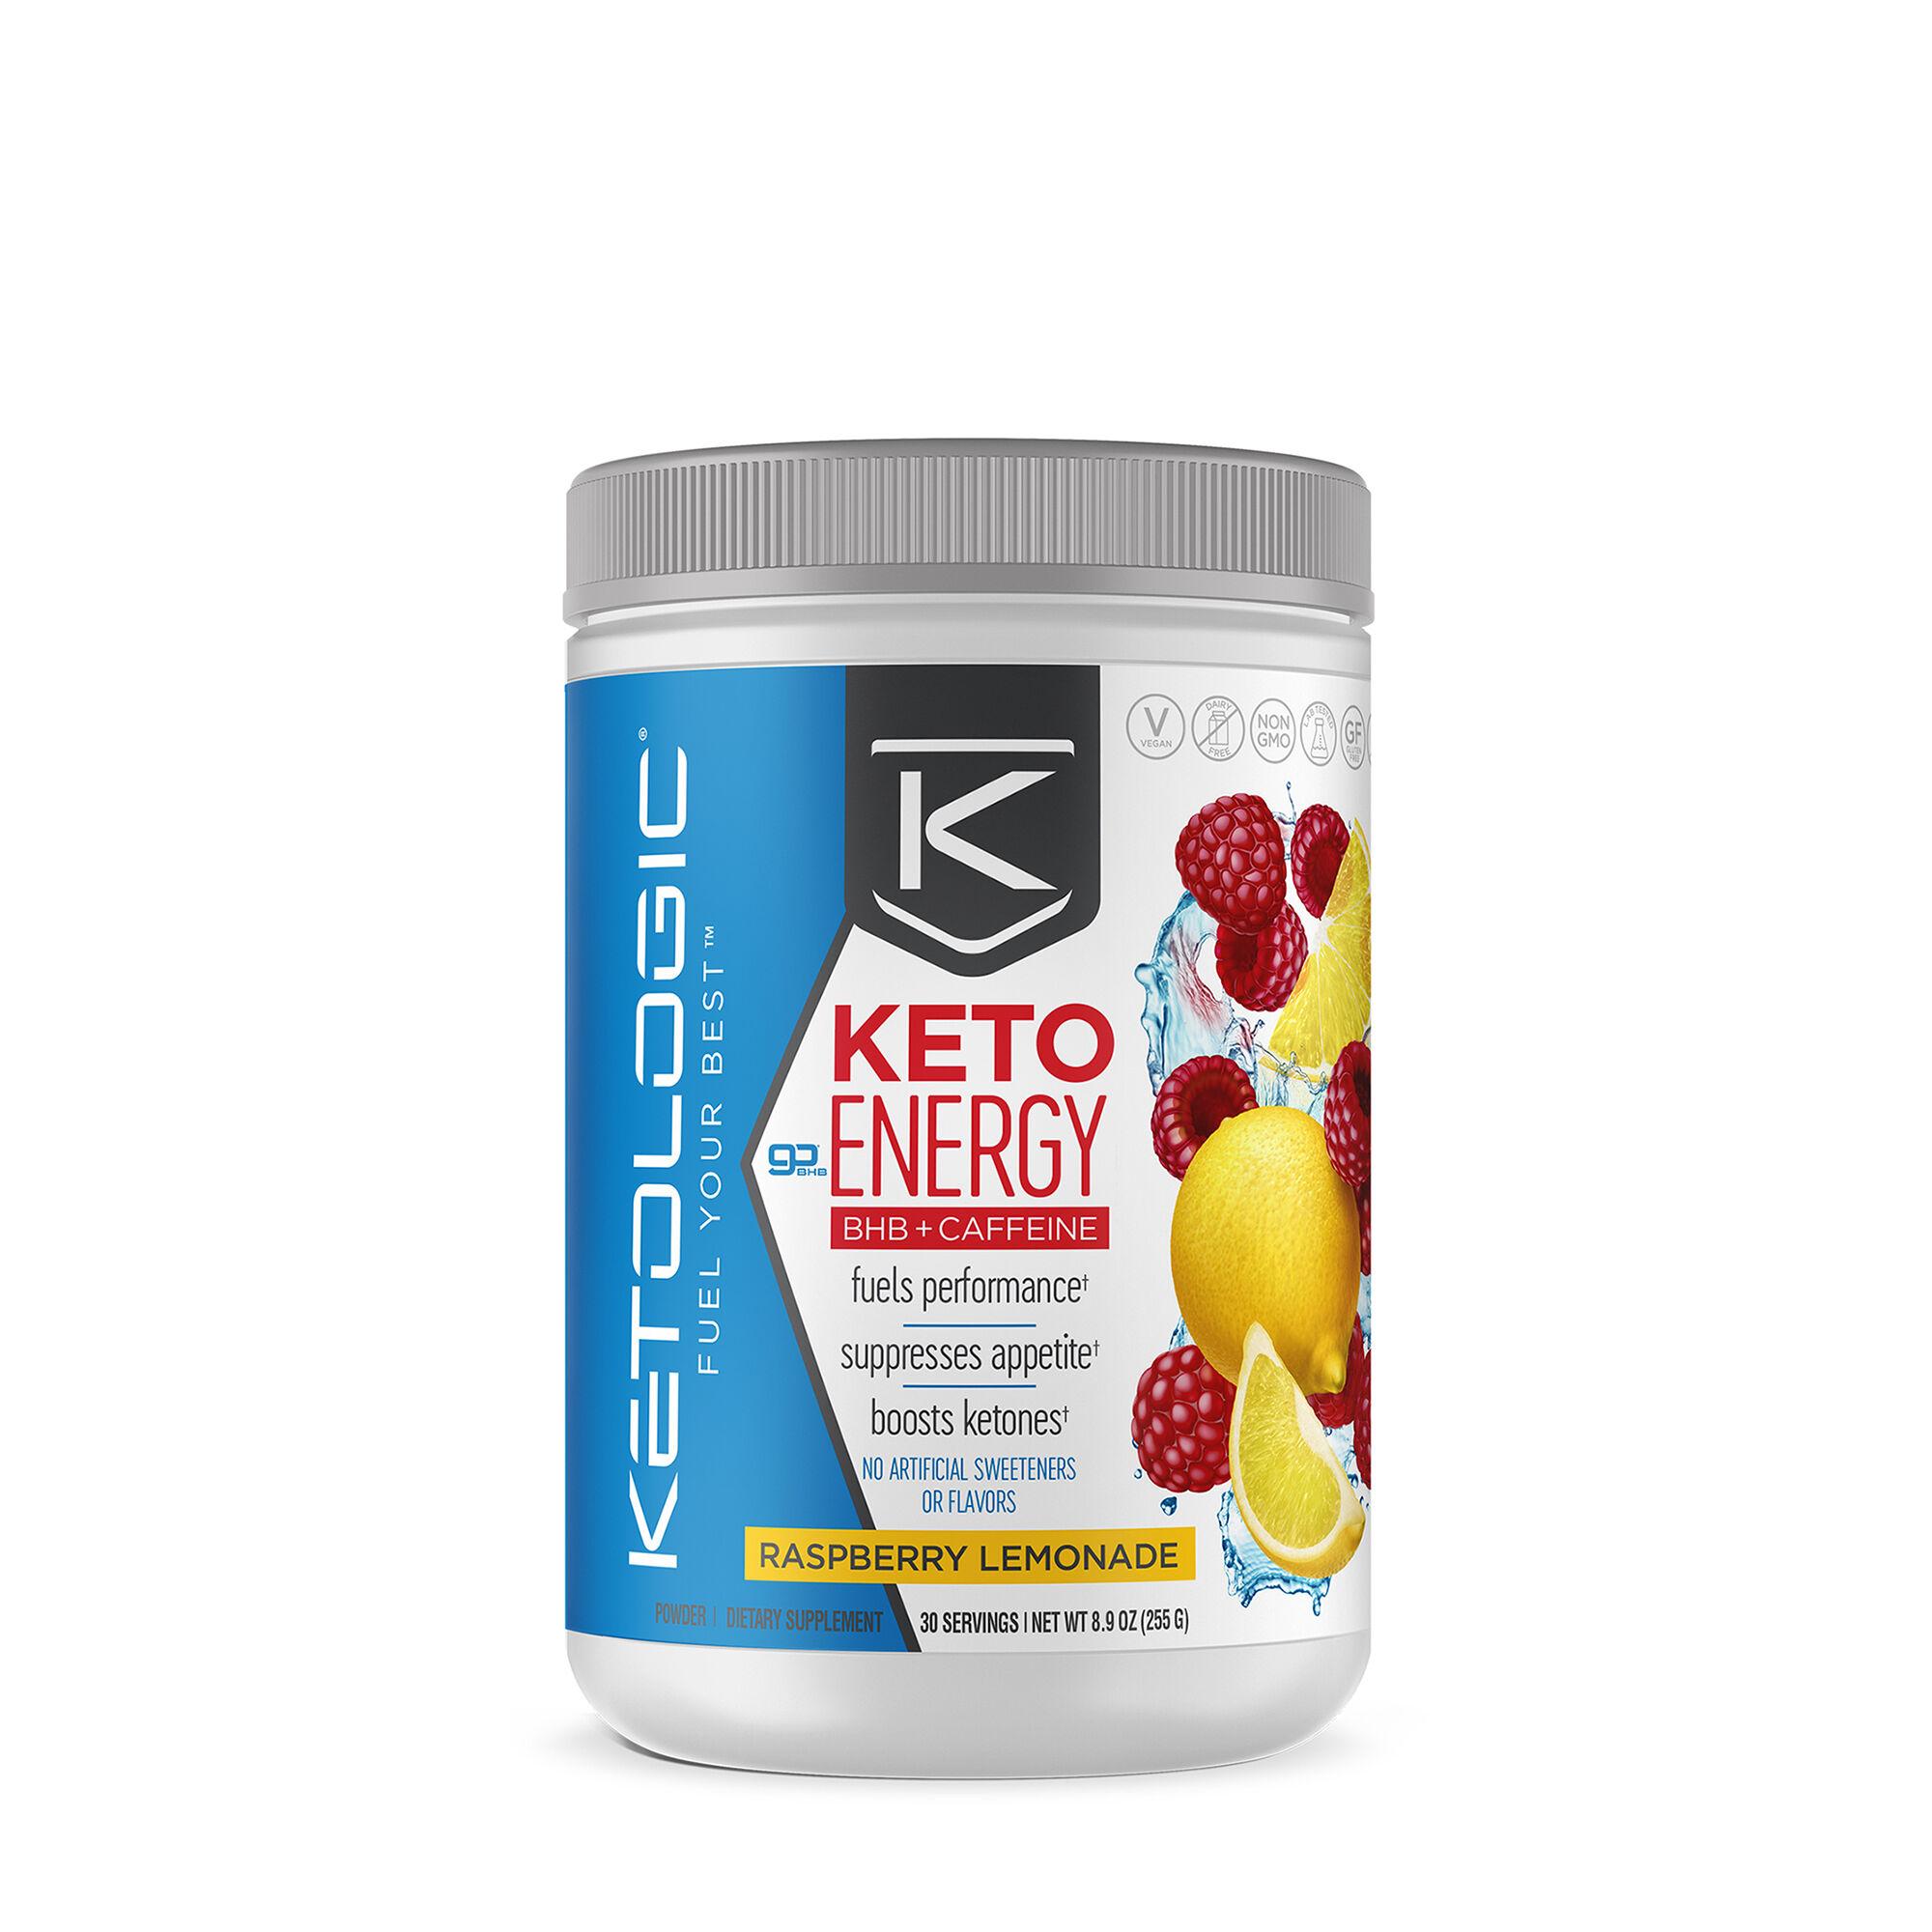 Ketologic Keto Energy Bhb Caffeine Raspberry Lemonade Gnc